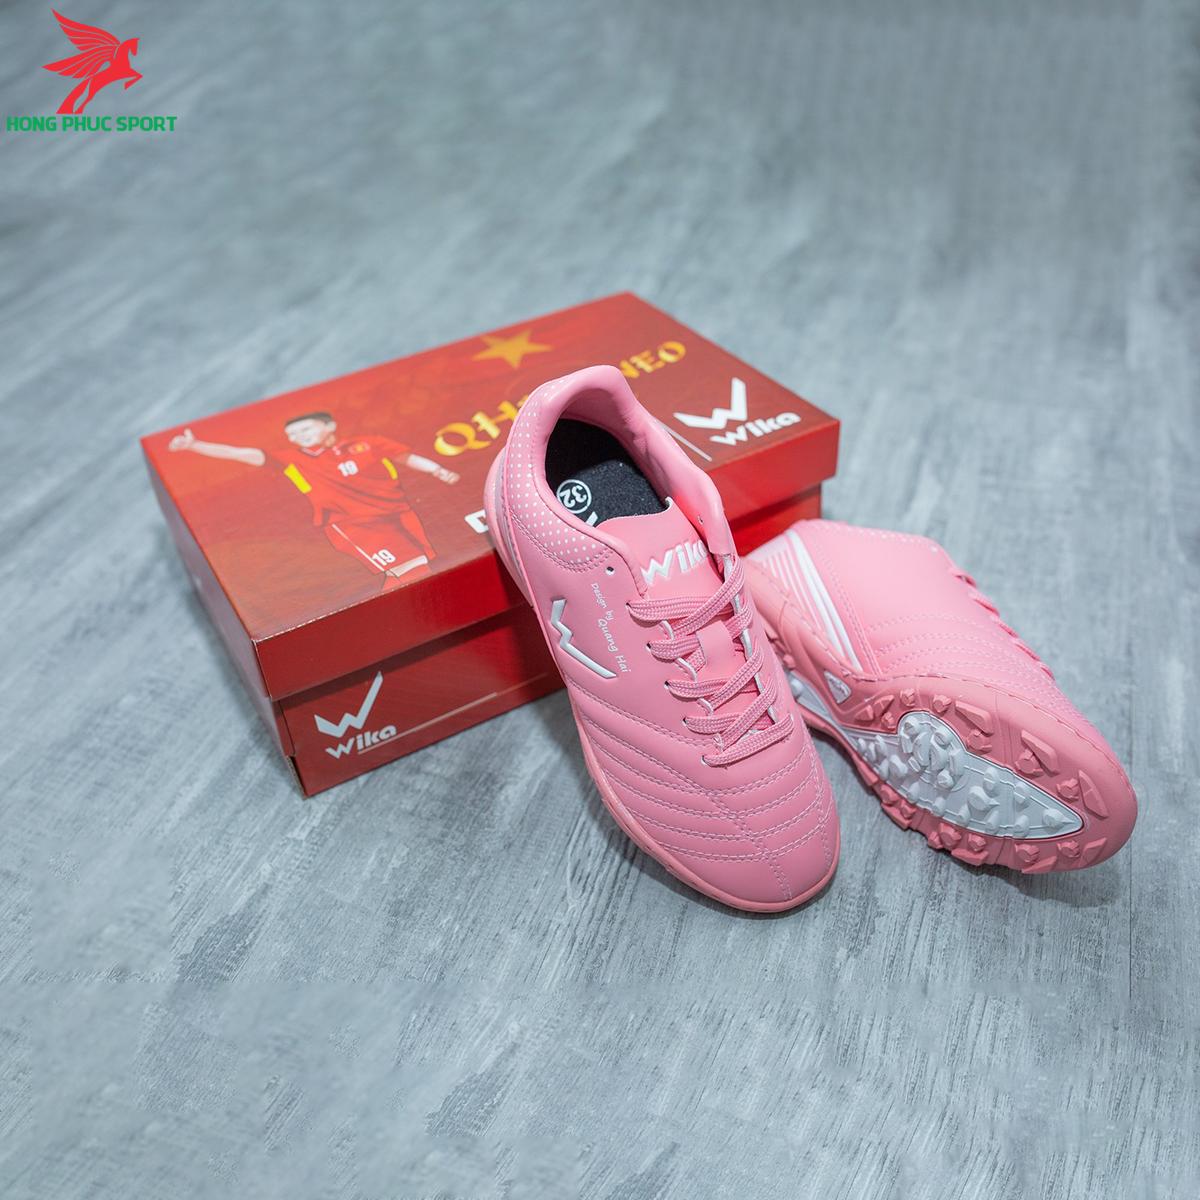 Giày đá banh Wika QH19 Neo Kids sân cỏ nhân tạo màu Hồng (3)